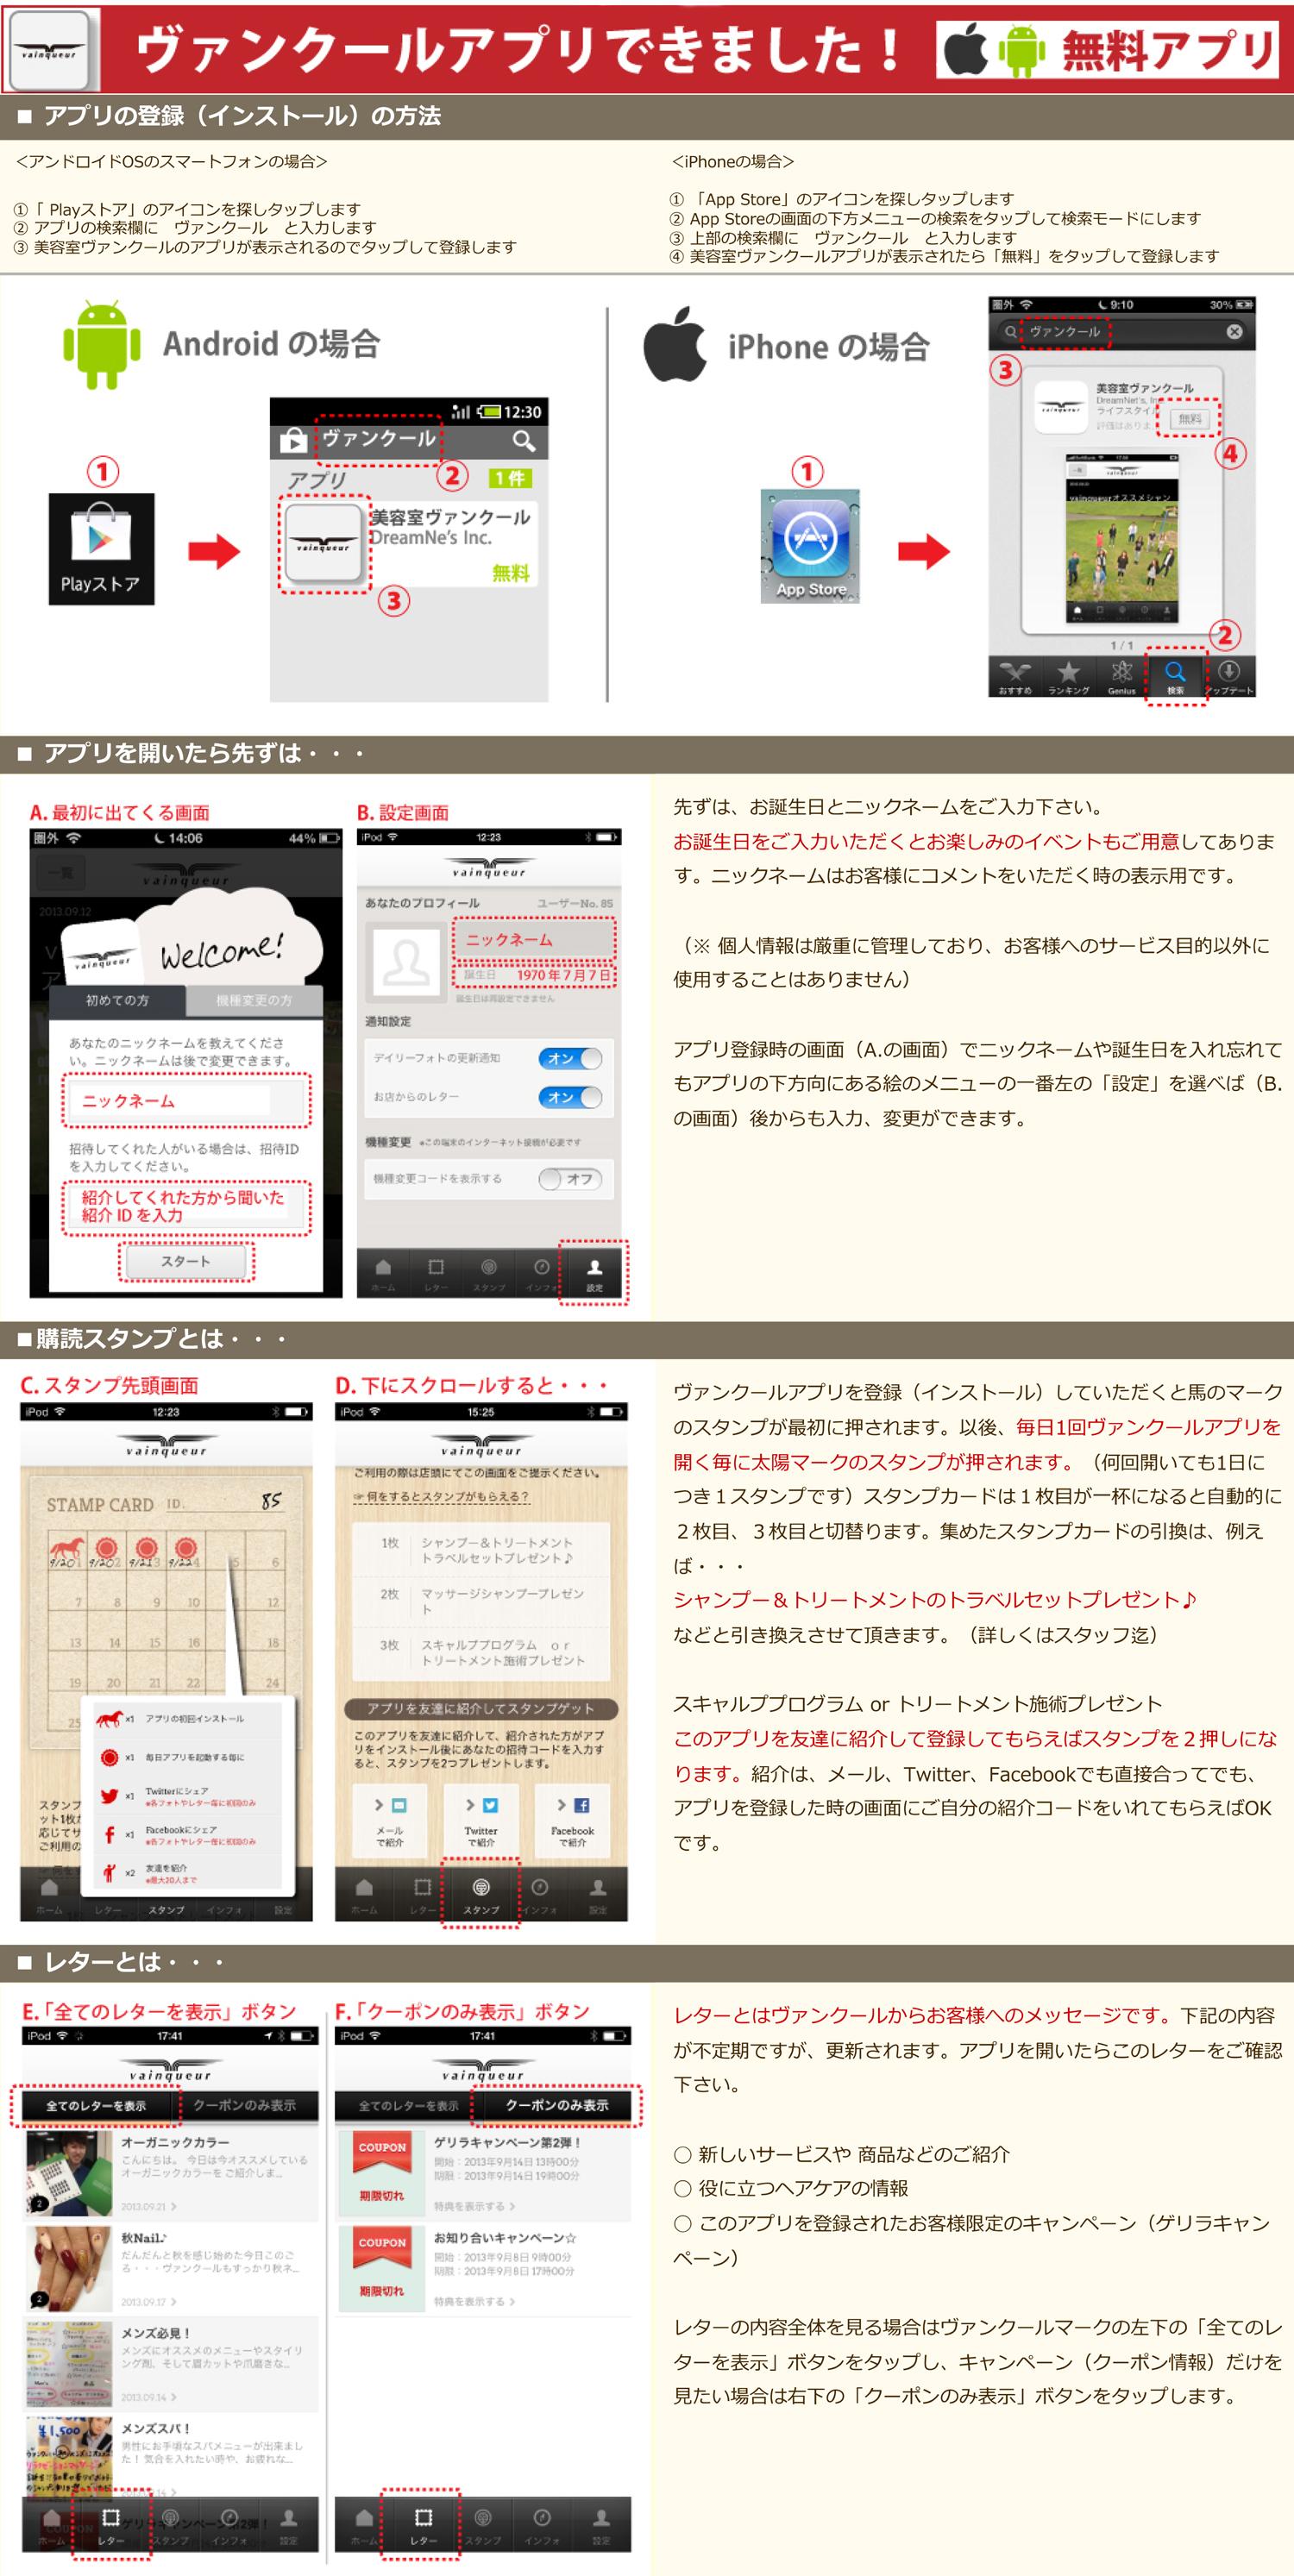 vq_app